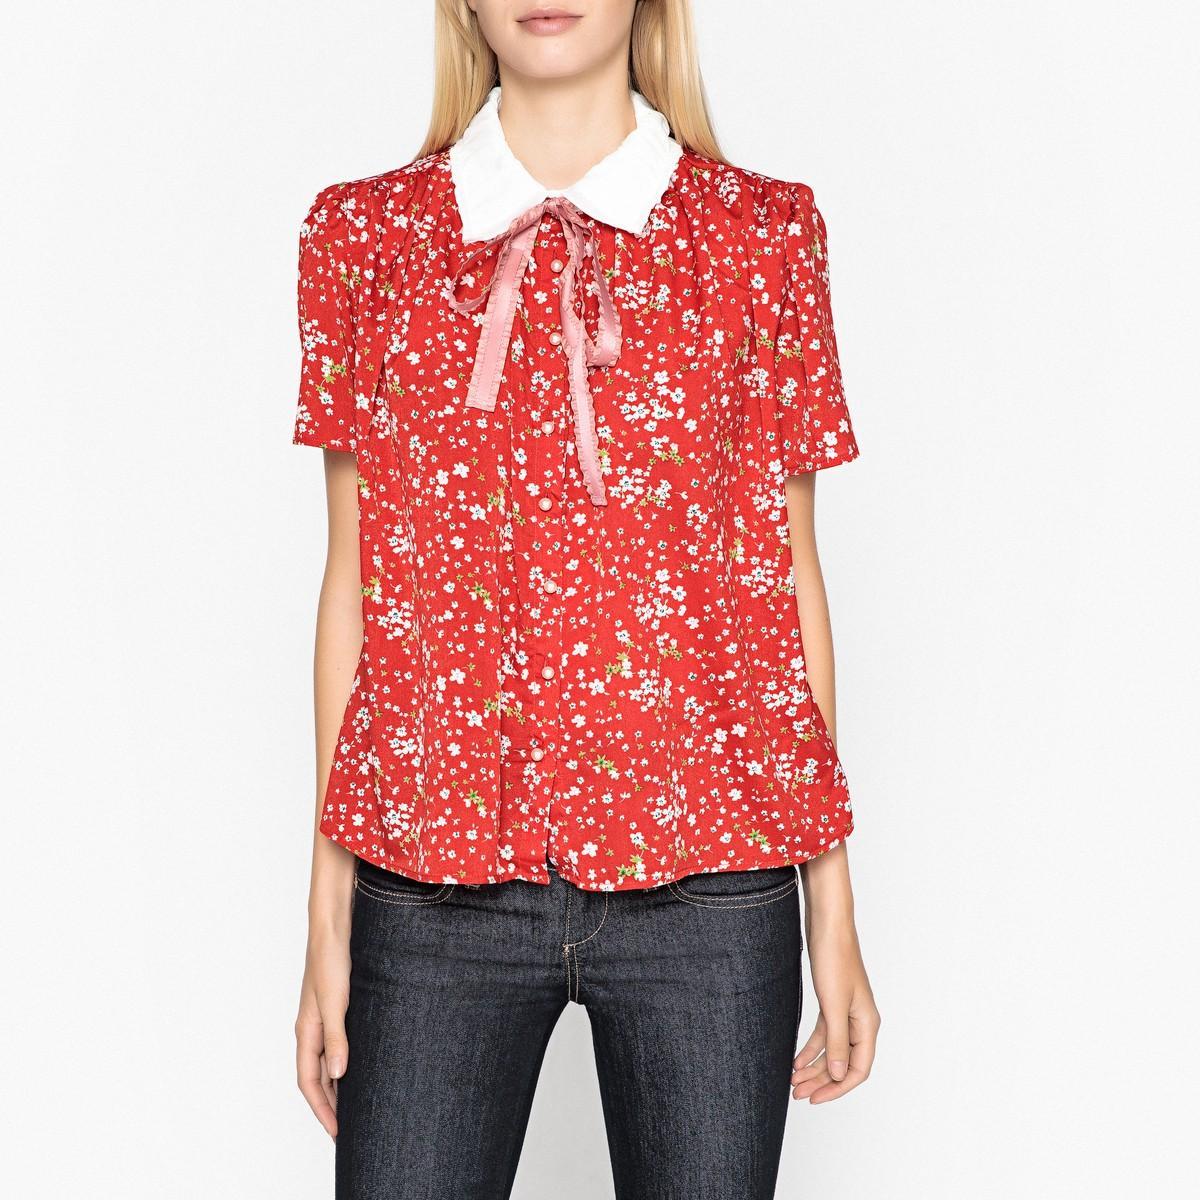 Рубашка  - наб. рисунок красный цвет